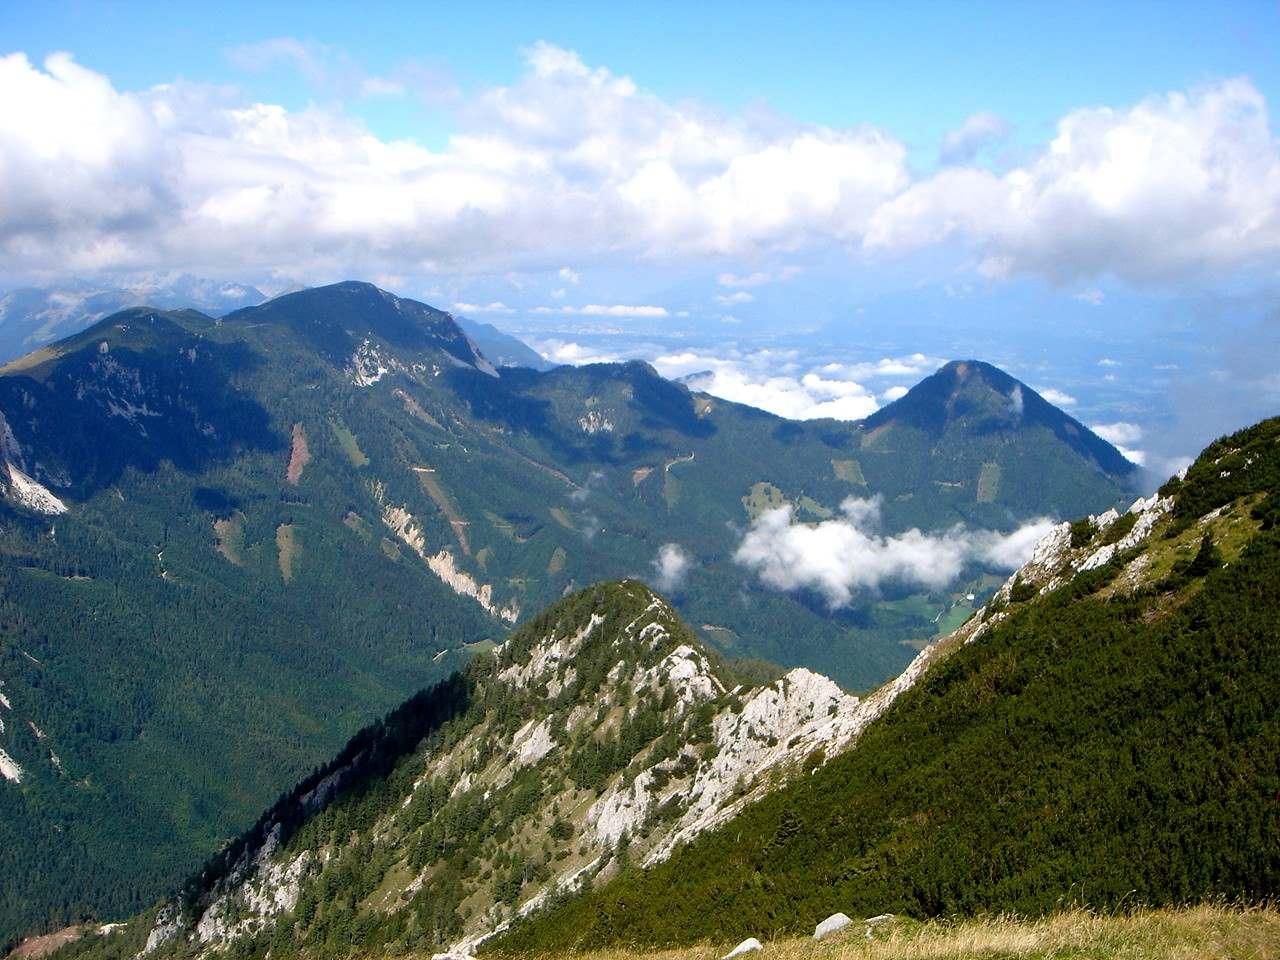 Foto: Manfred Karl / Wander Tour / Über die Klagenfurter Hütte auf den Geißberg / Blick übers Bärental / 20.06.2007 18:07:48